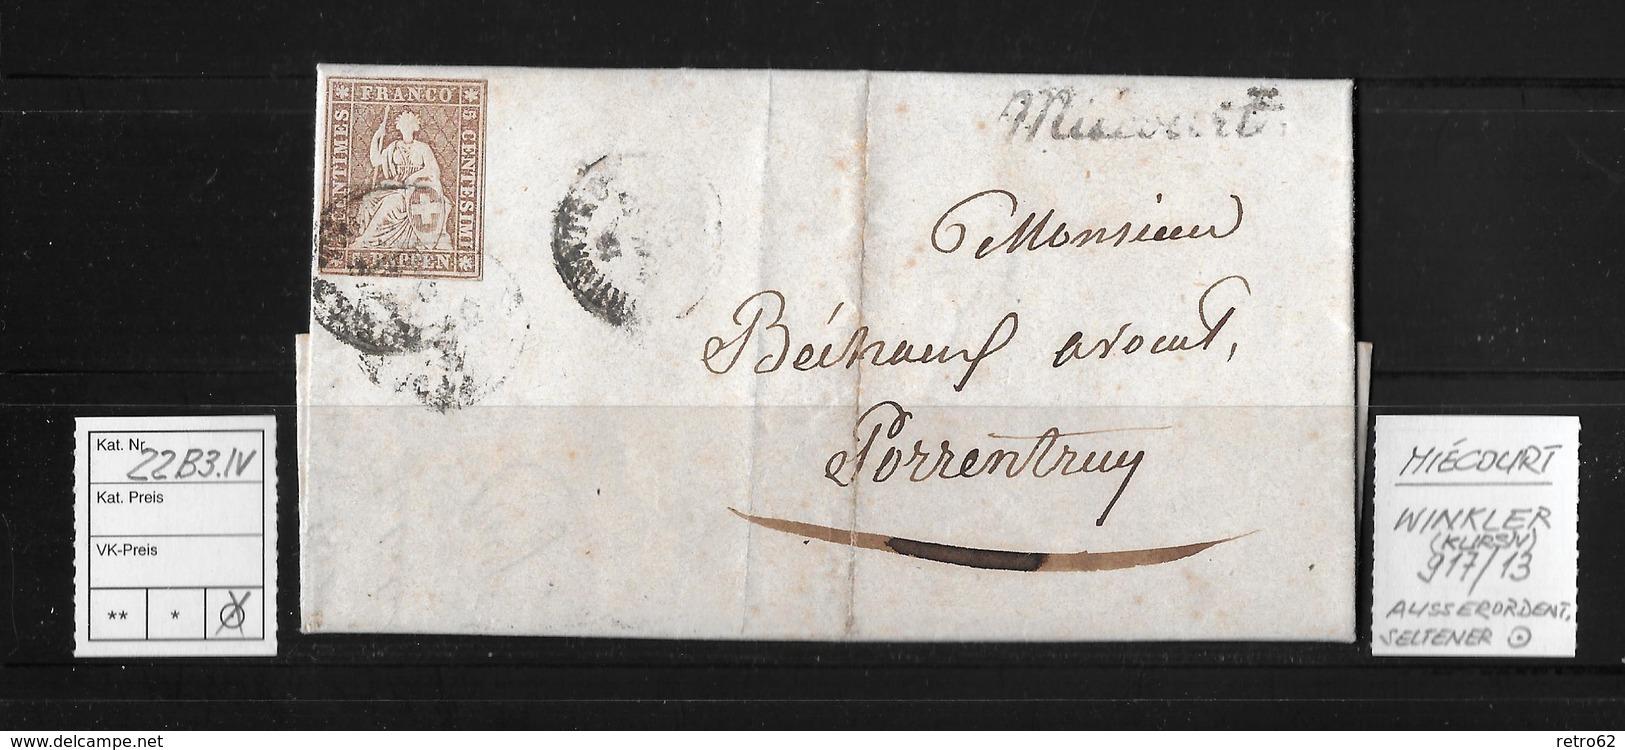 1857 Sitzende Helvetia, Ungezähnt (Strubel)  ►22B3.IV Miécourt Winkler 917/13 Nach Porrentruy◄ - Lettres & Documents